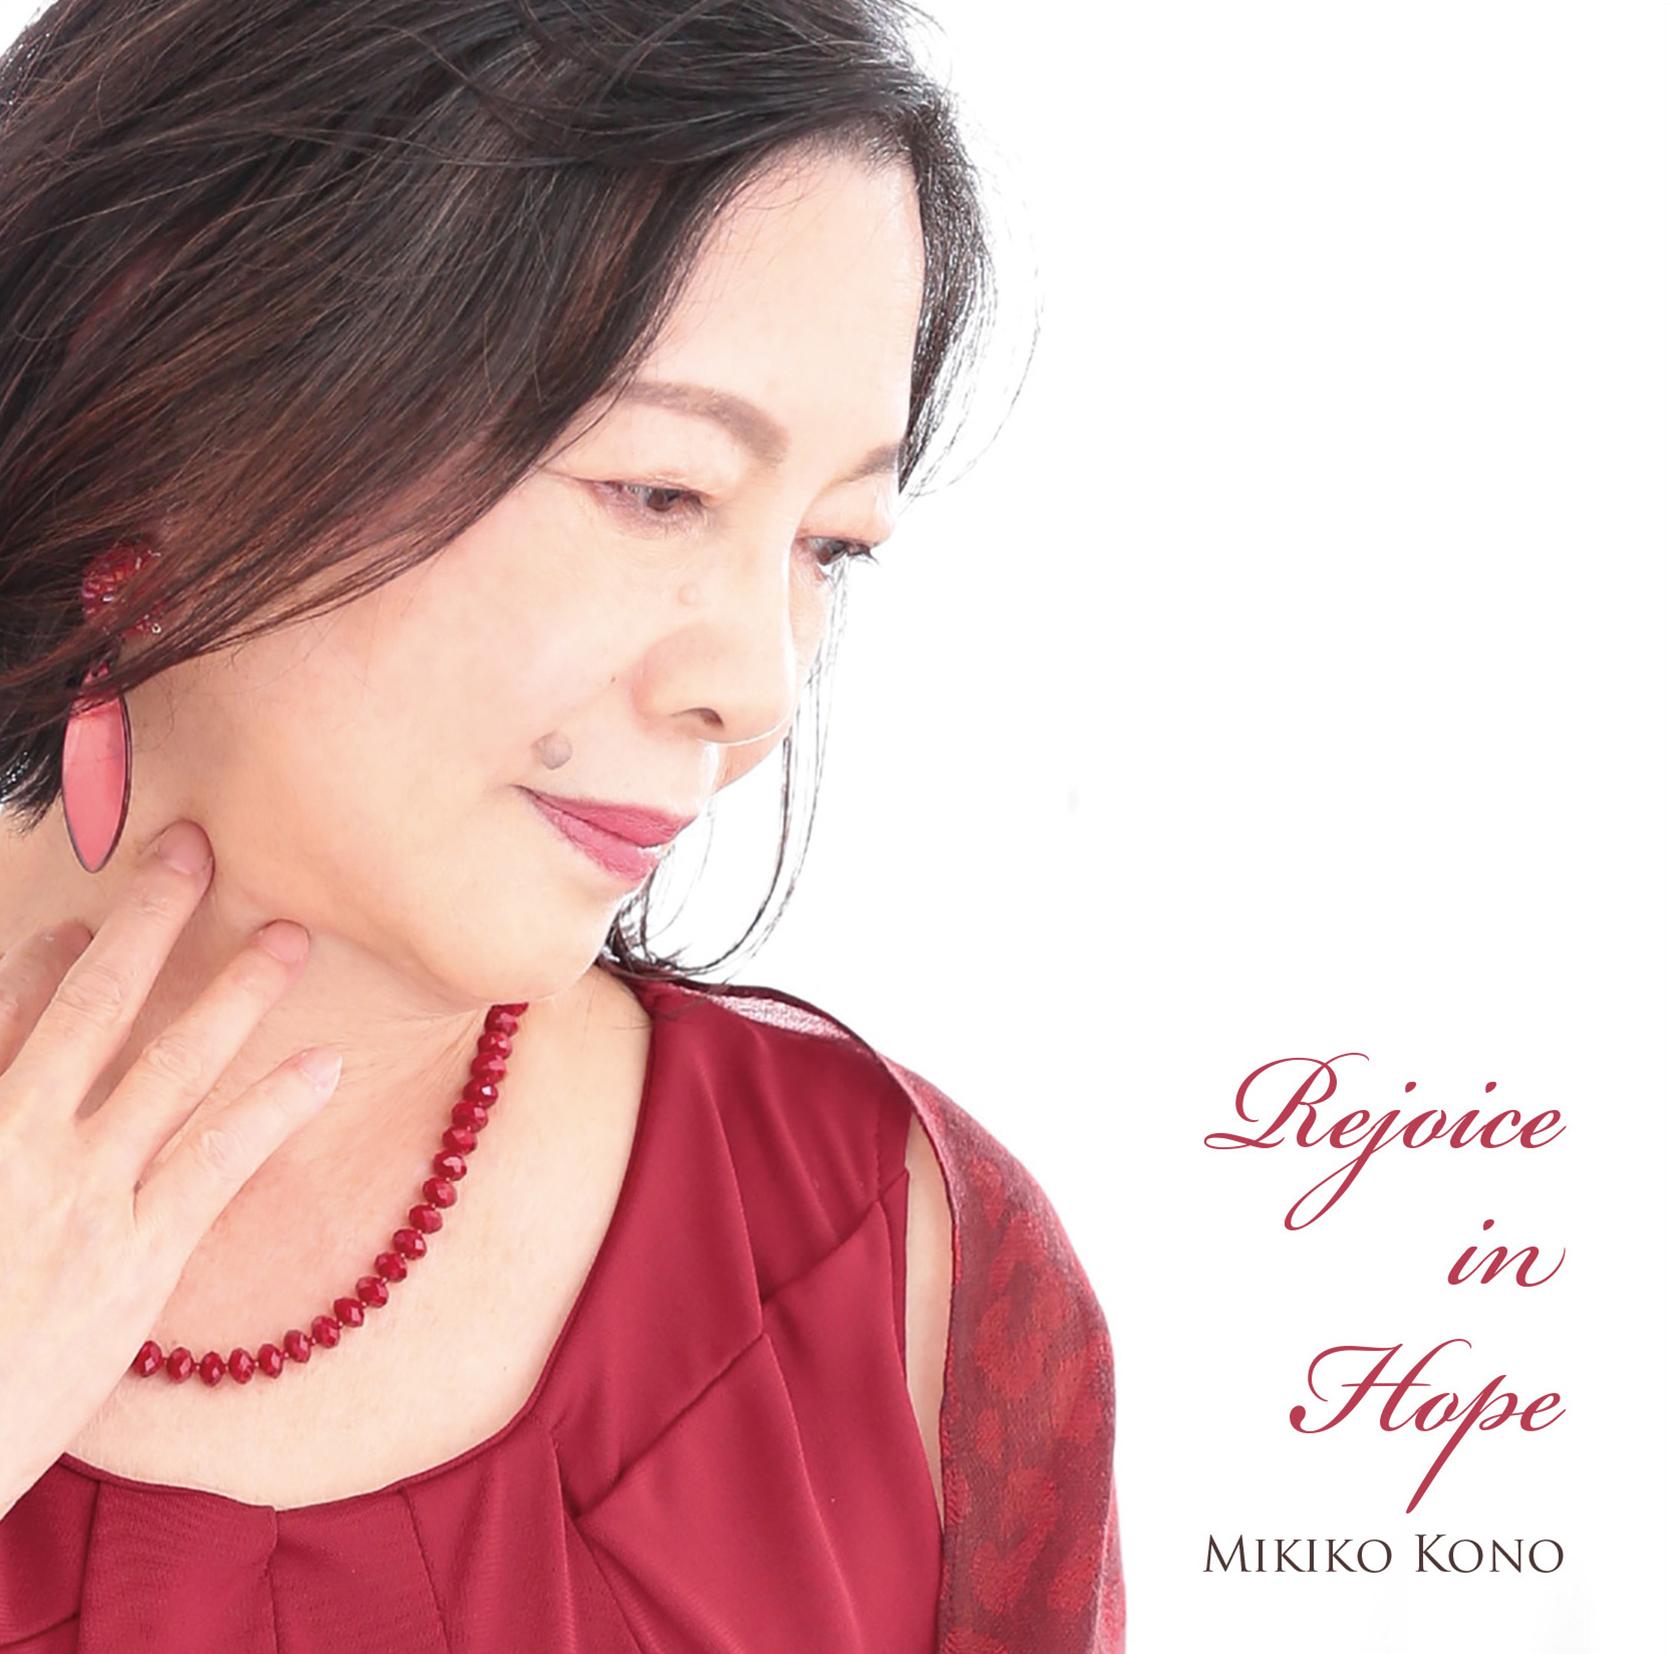 Mikiko Kono